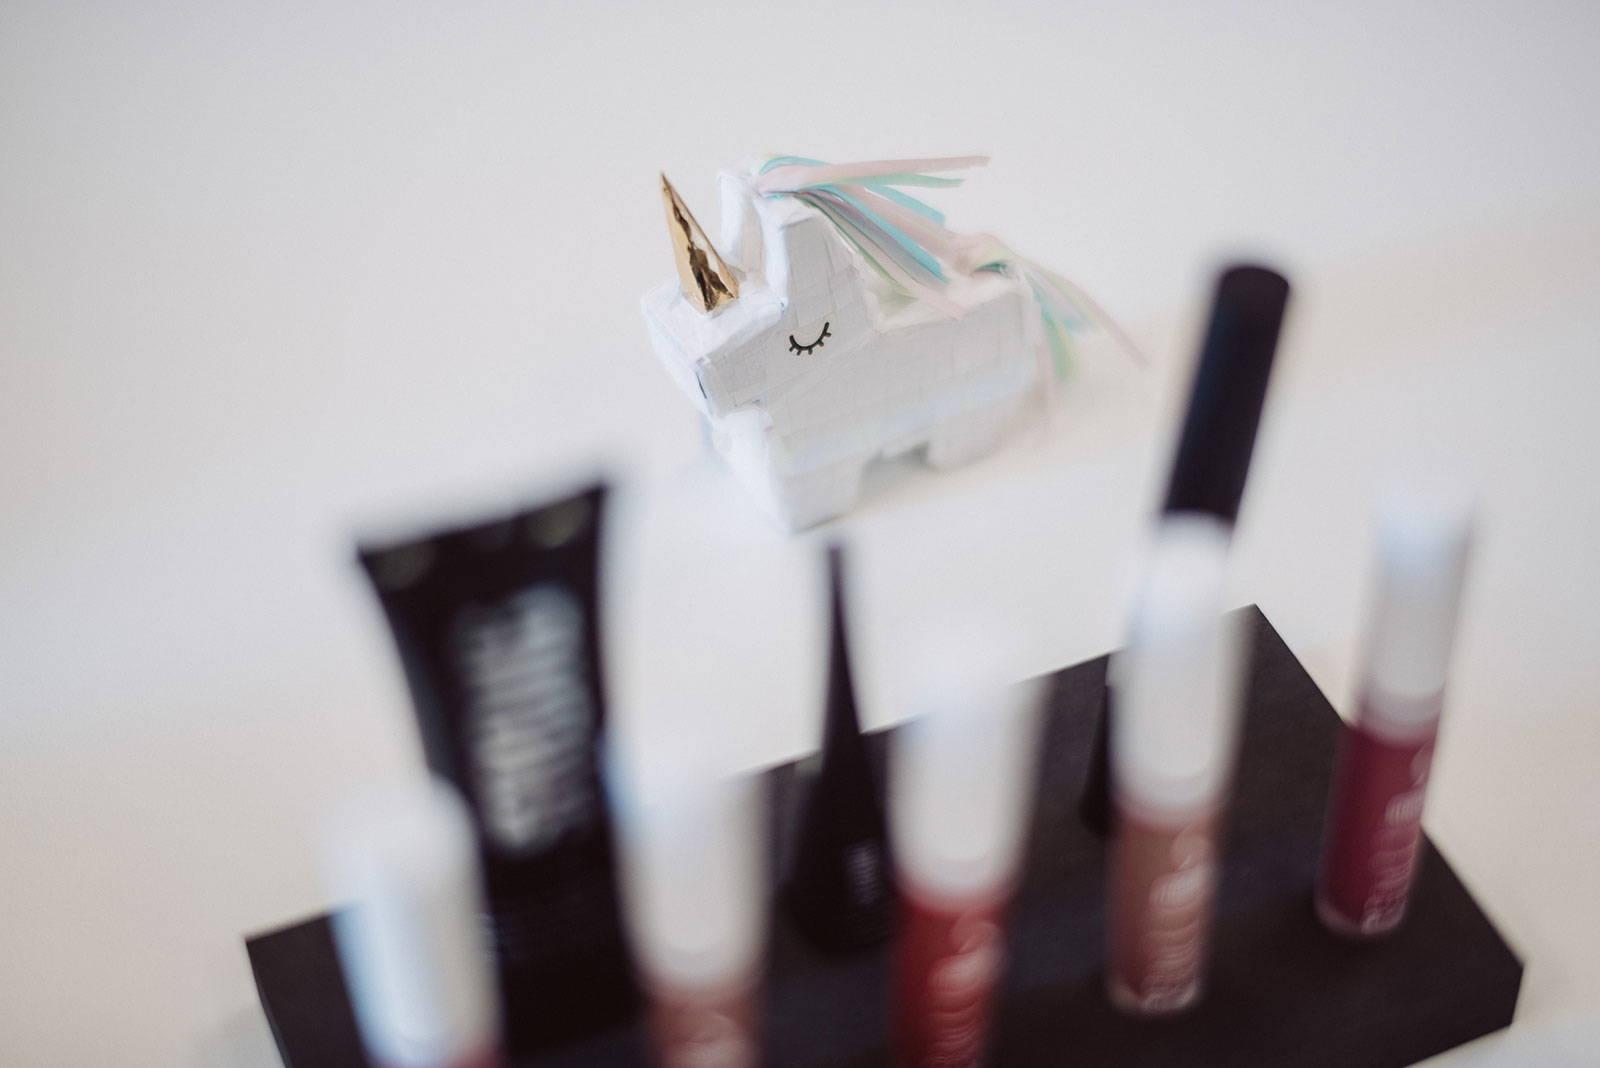 Einhorn Figur steht hinter verschwommenen Make-Up Produkten